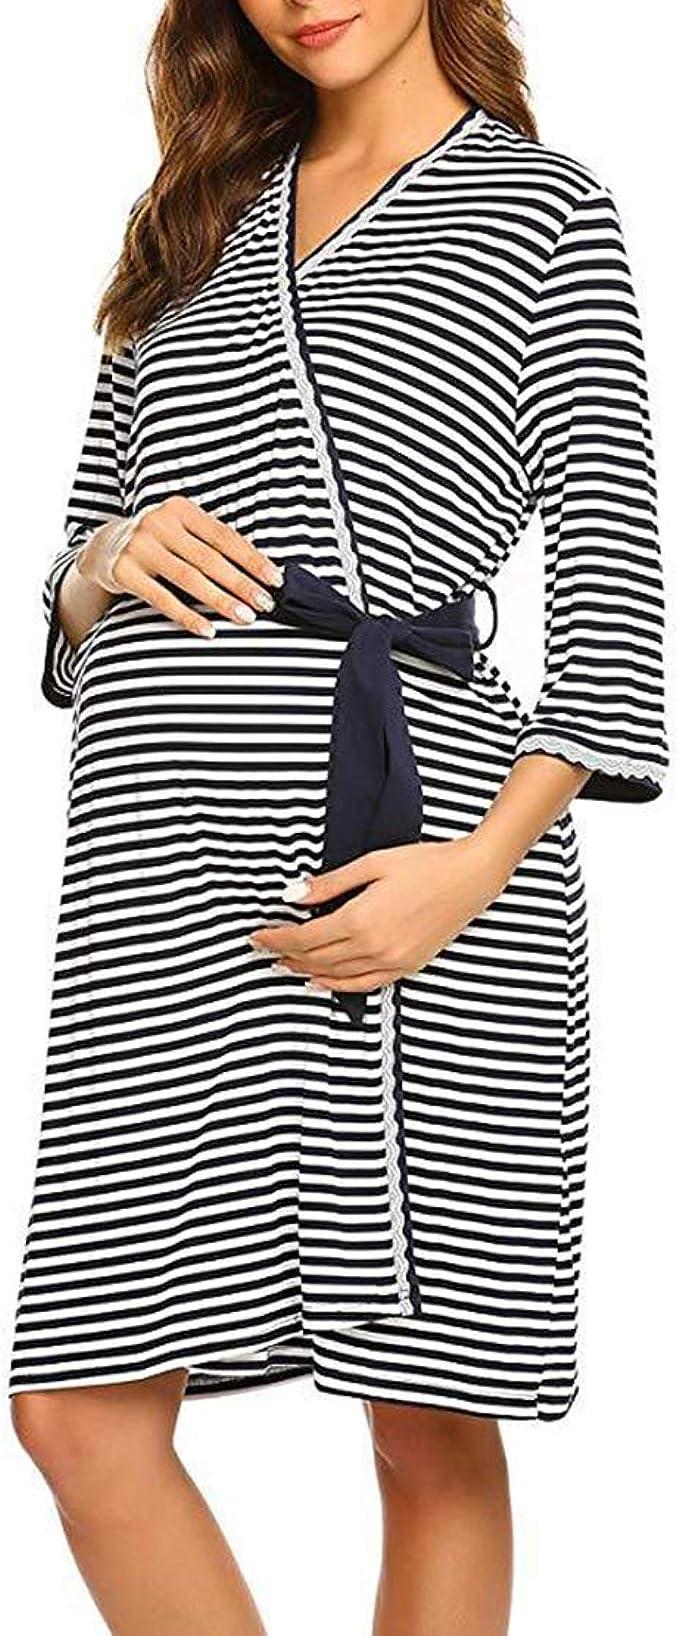 Ropa para Dormir para Premamá Camisón Lactancia Pijama Embarazada Algodón Camisones Premama Hospital Vestido Maternidad Rayas Bata Otoño Invierno/2XL: Amazon.es: Ropa y accesorios